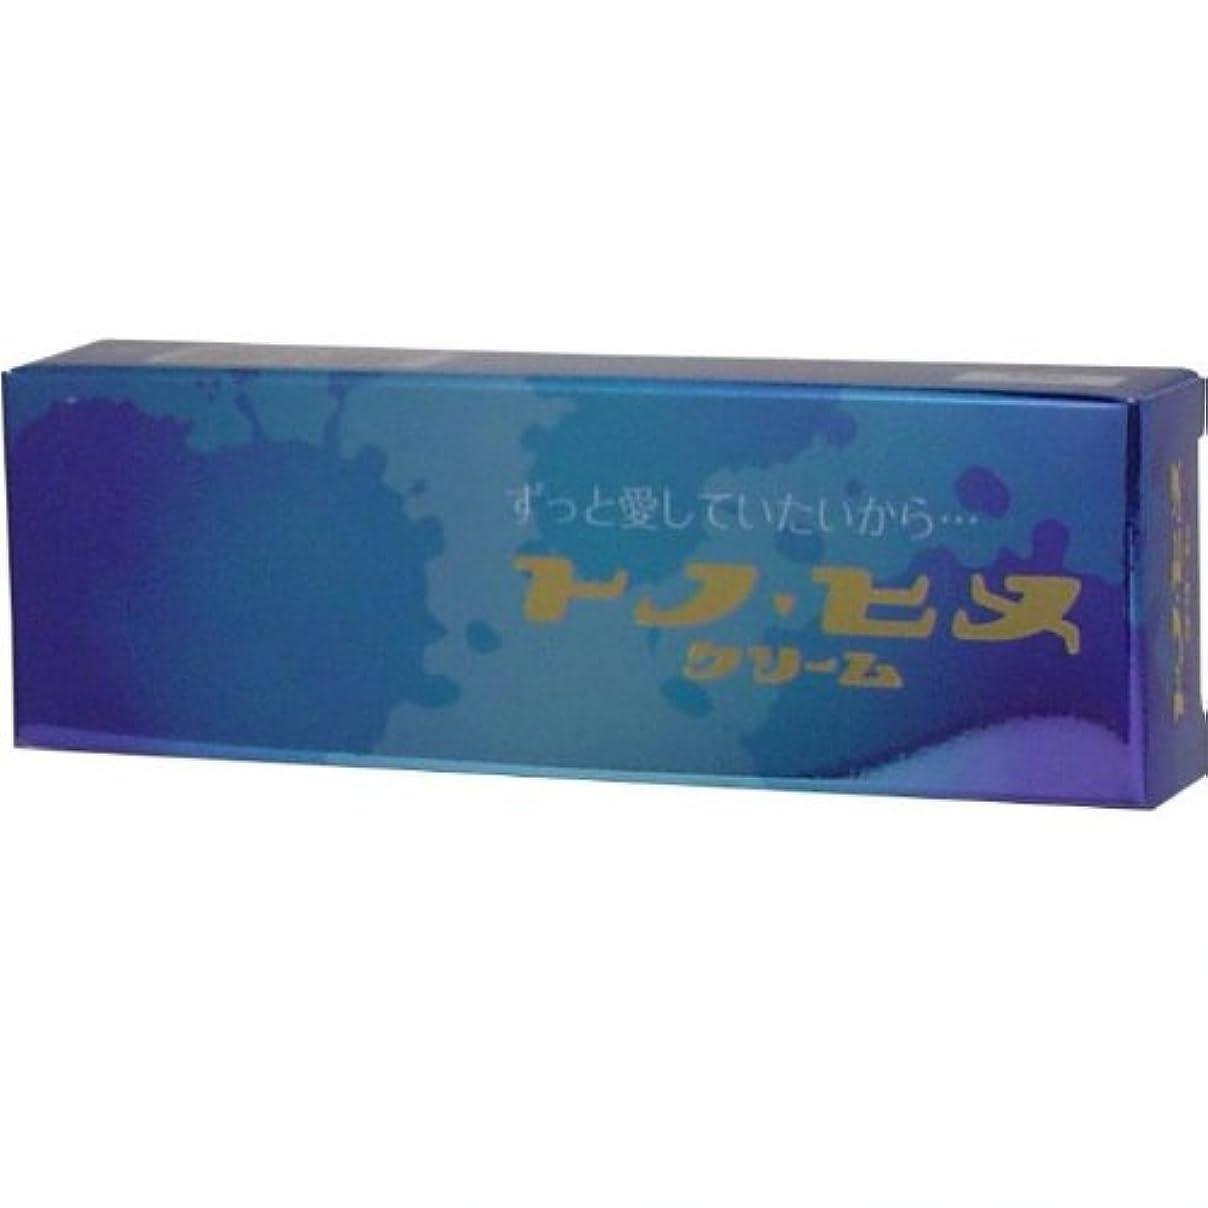 ファランクス売るモジュール大人のいとなみをサポートする化粧品クリーム!トノヒメクリーム 10g【2個セット】